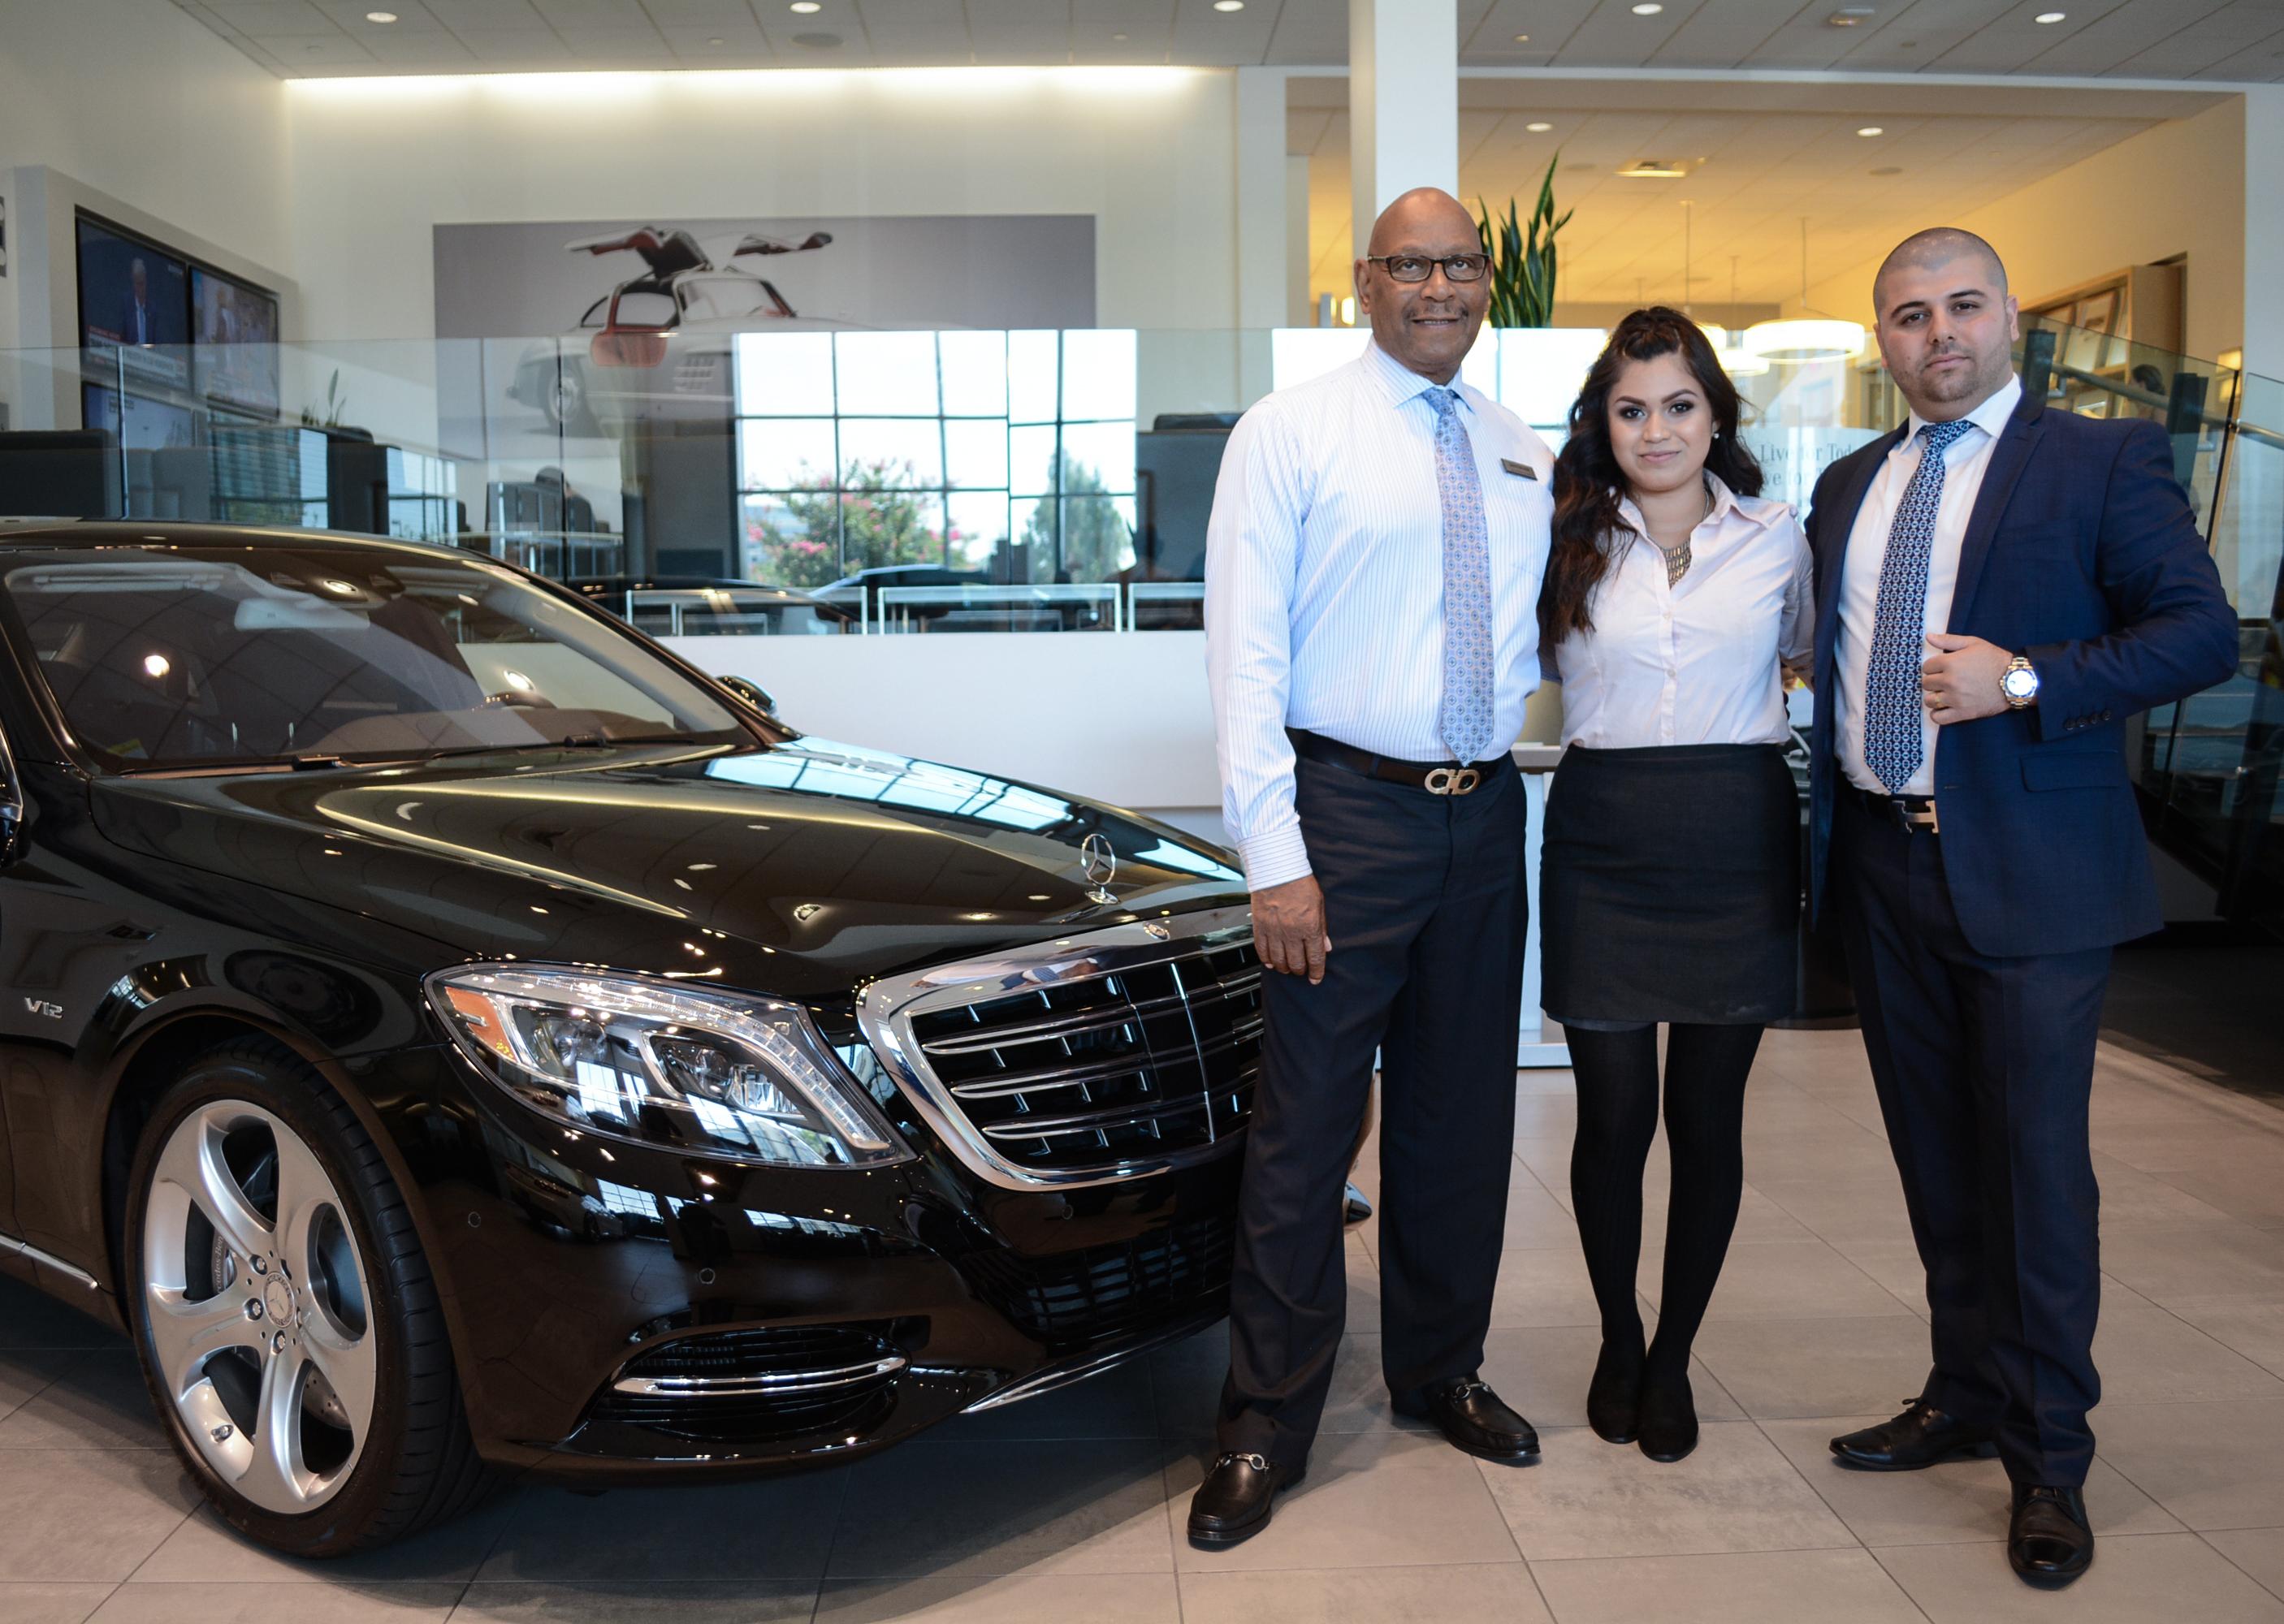 Employee anniversaries mercedes benz of ontario for Mercedes benz in ontario ca